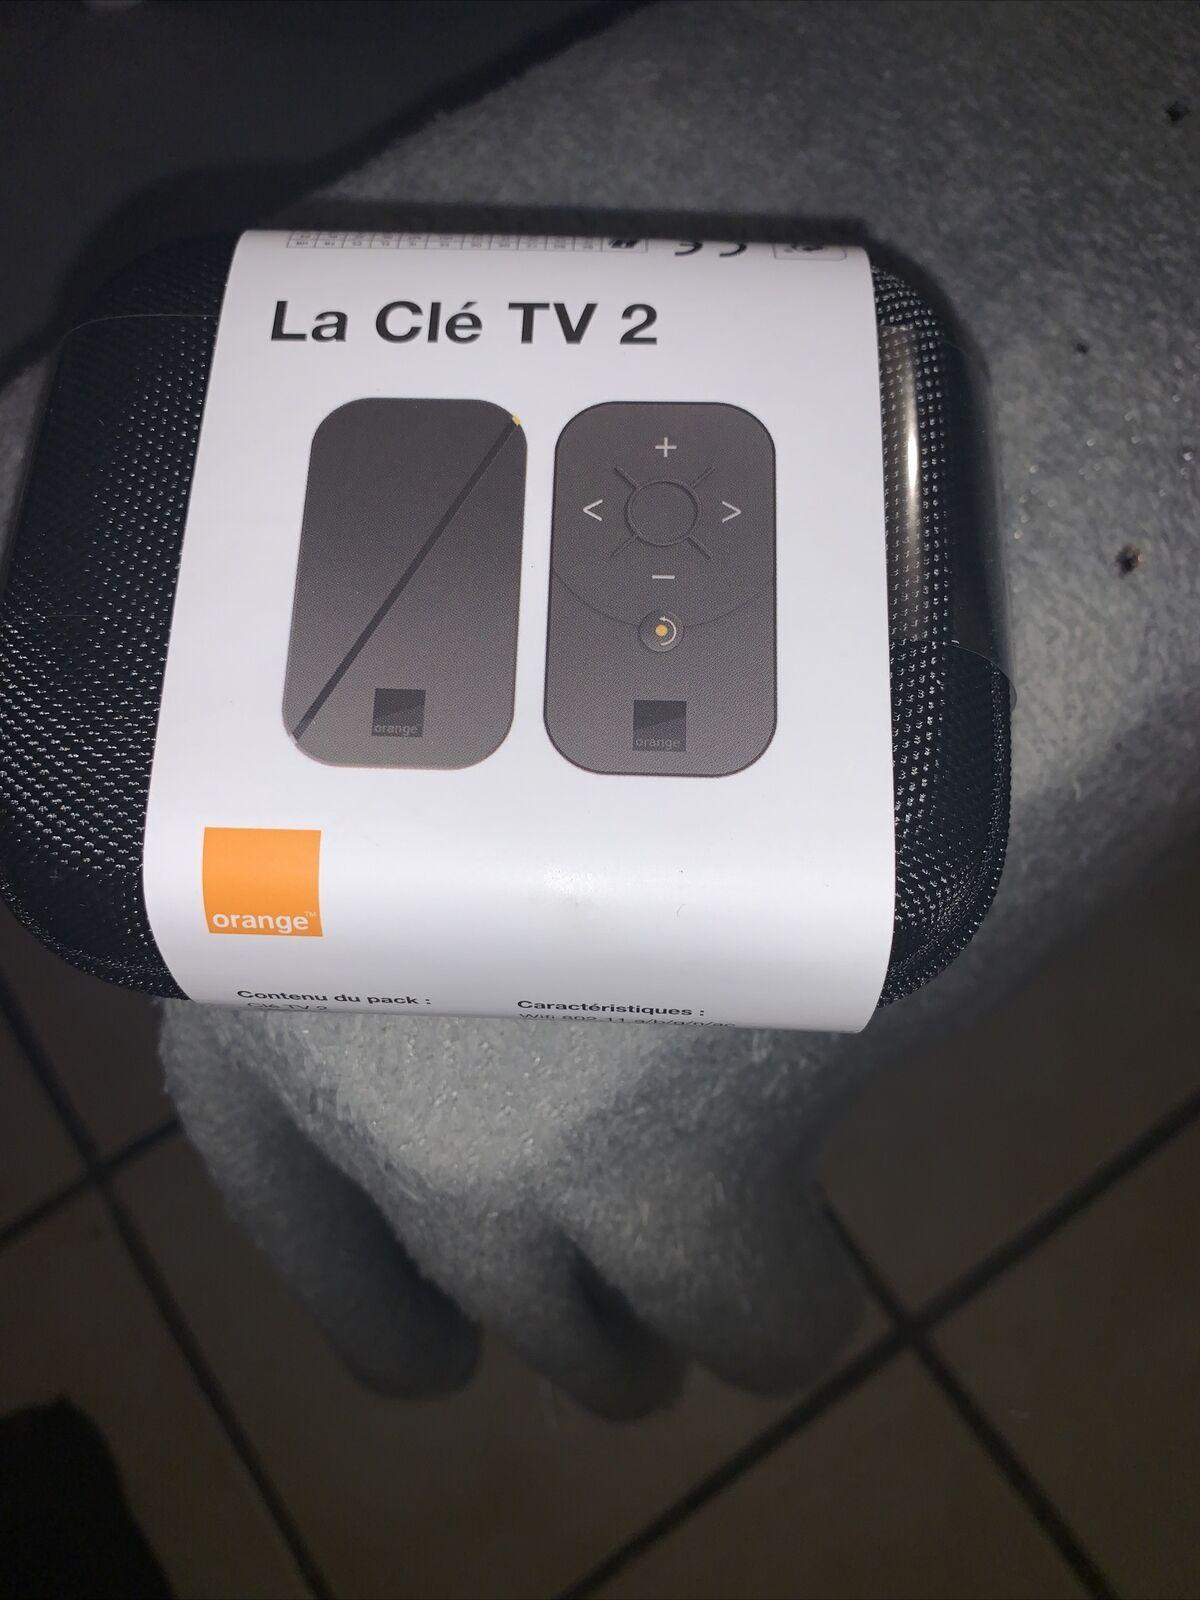 cle tv 2 orange